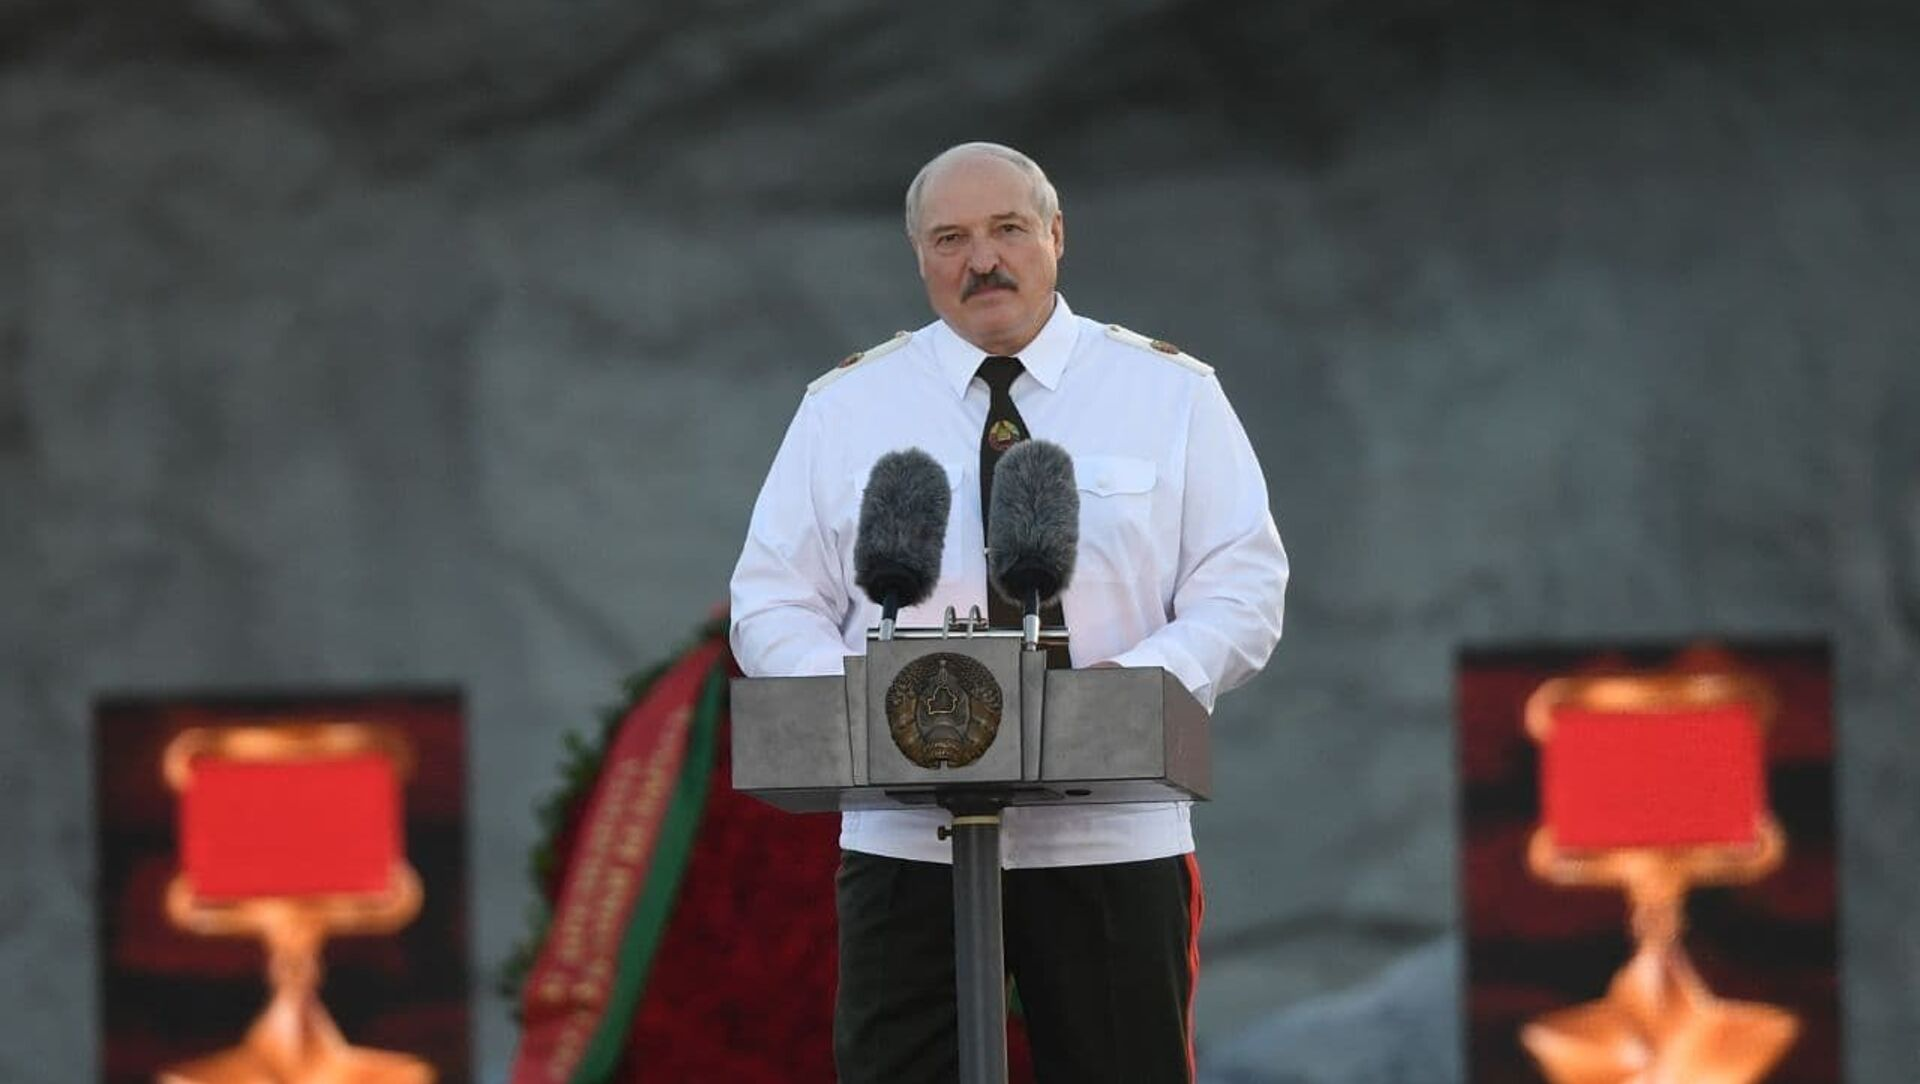 Прэзідэнт Беларусі Аляксандр Лукашэнка - Sputnik Беларусь, 1920, 23.06.2021